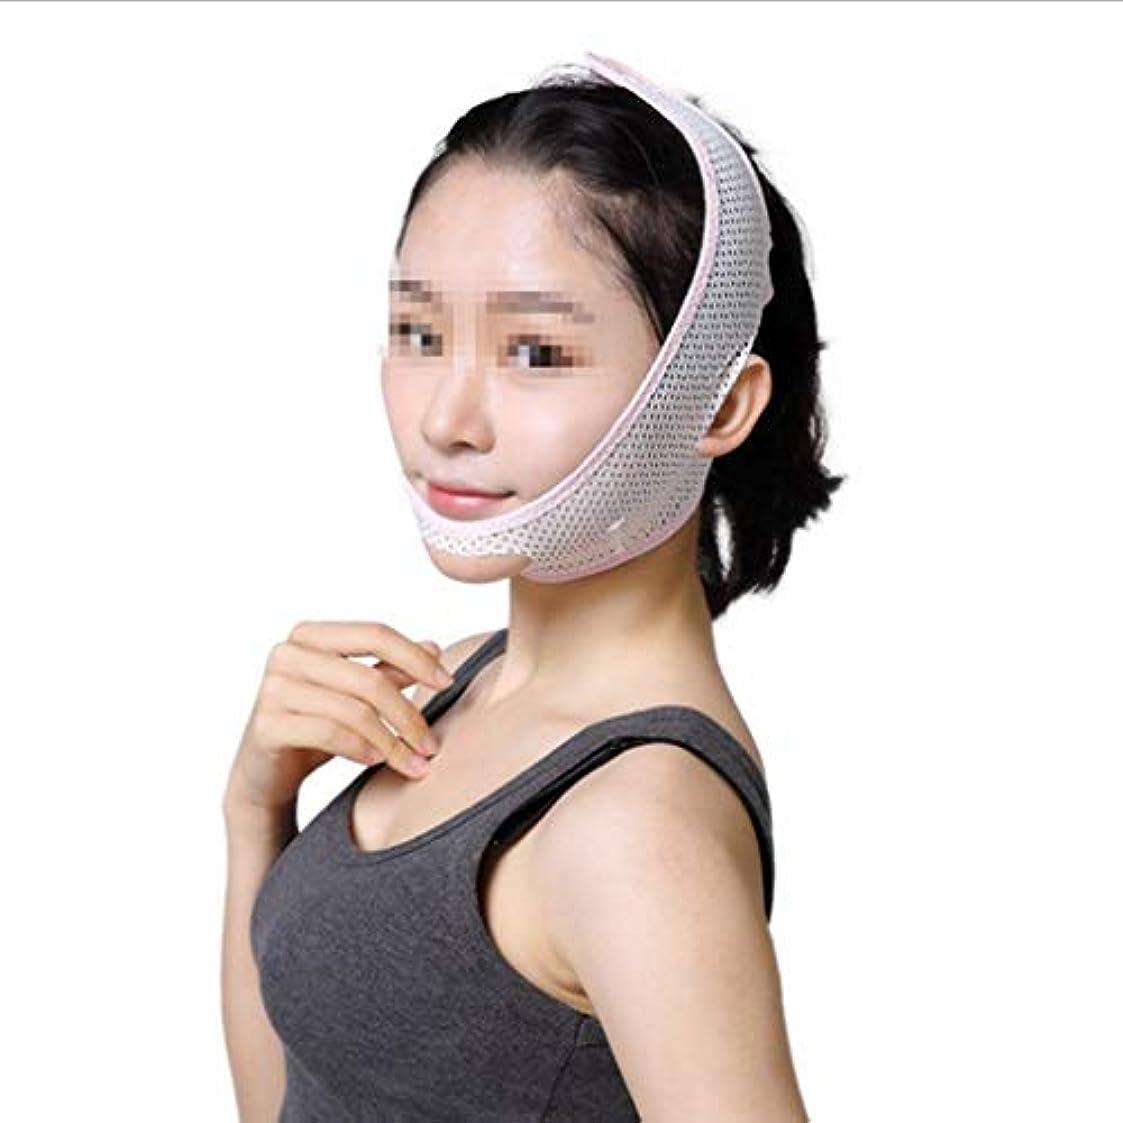 正確にナサニエル区地球XHLMRMJ 超薄型通気性フェイスマスク、包帯Vフェイスマスクフェイスリフティングファーミングダブルチンシンフェイスベルト (Size : M)